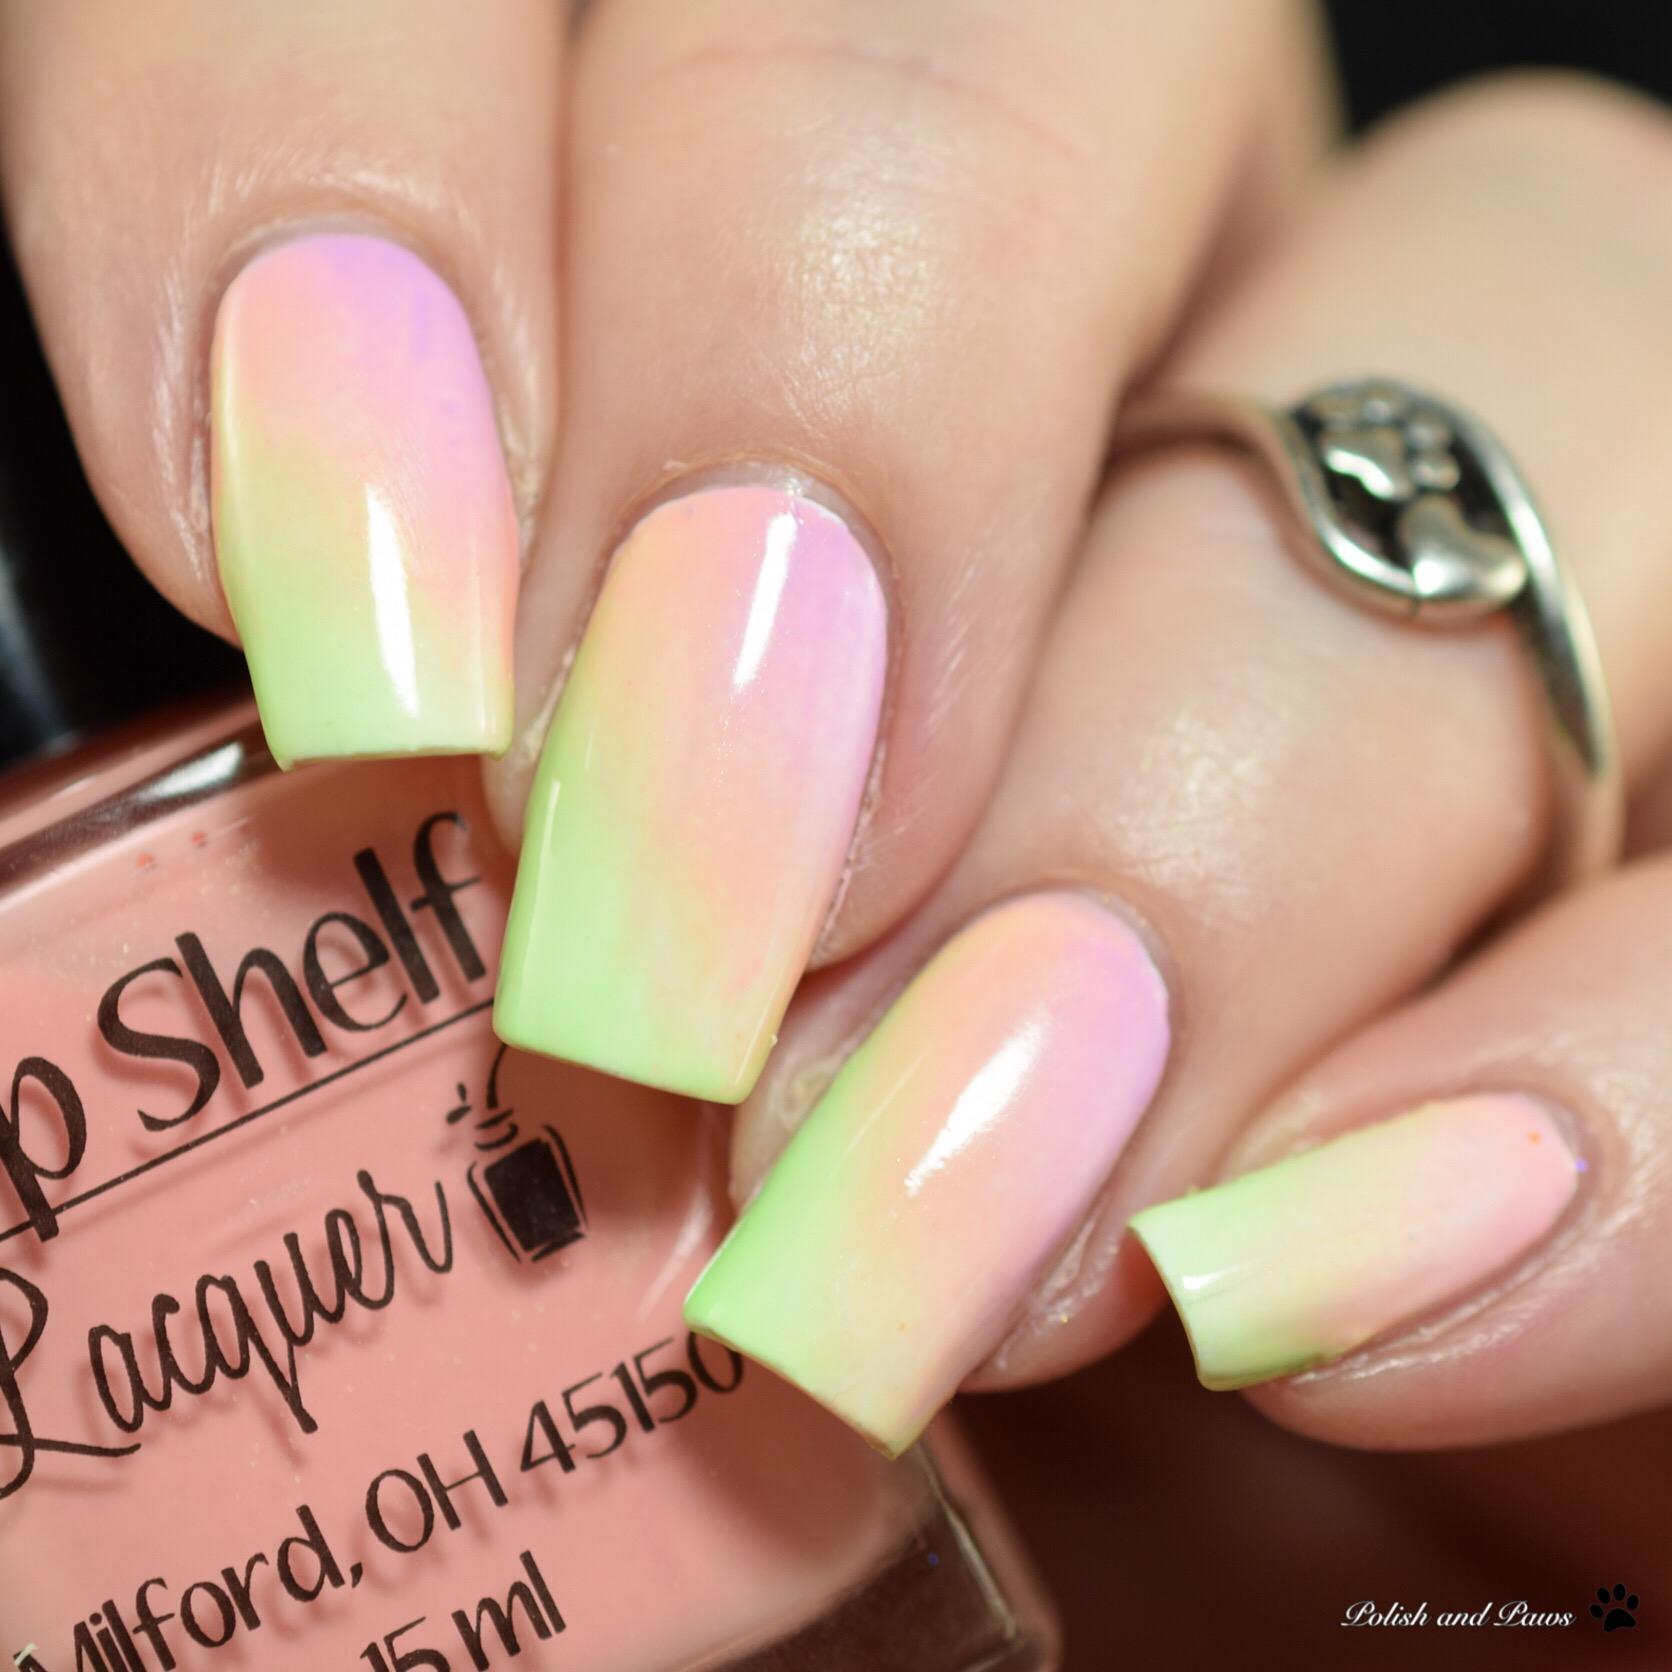 Top Shelf Lacquer Gradient Nails